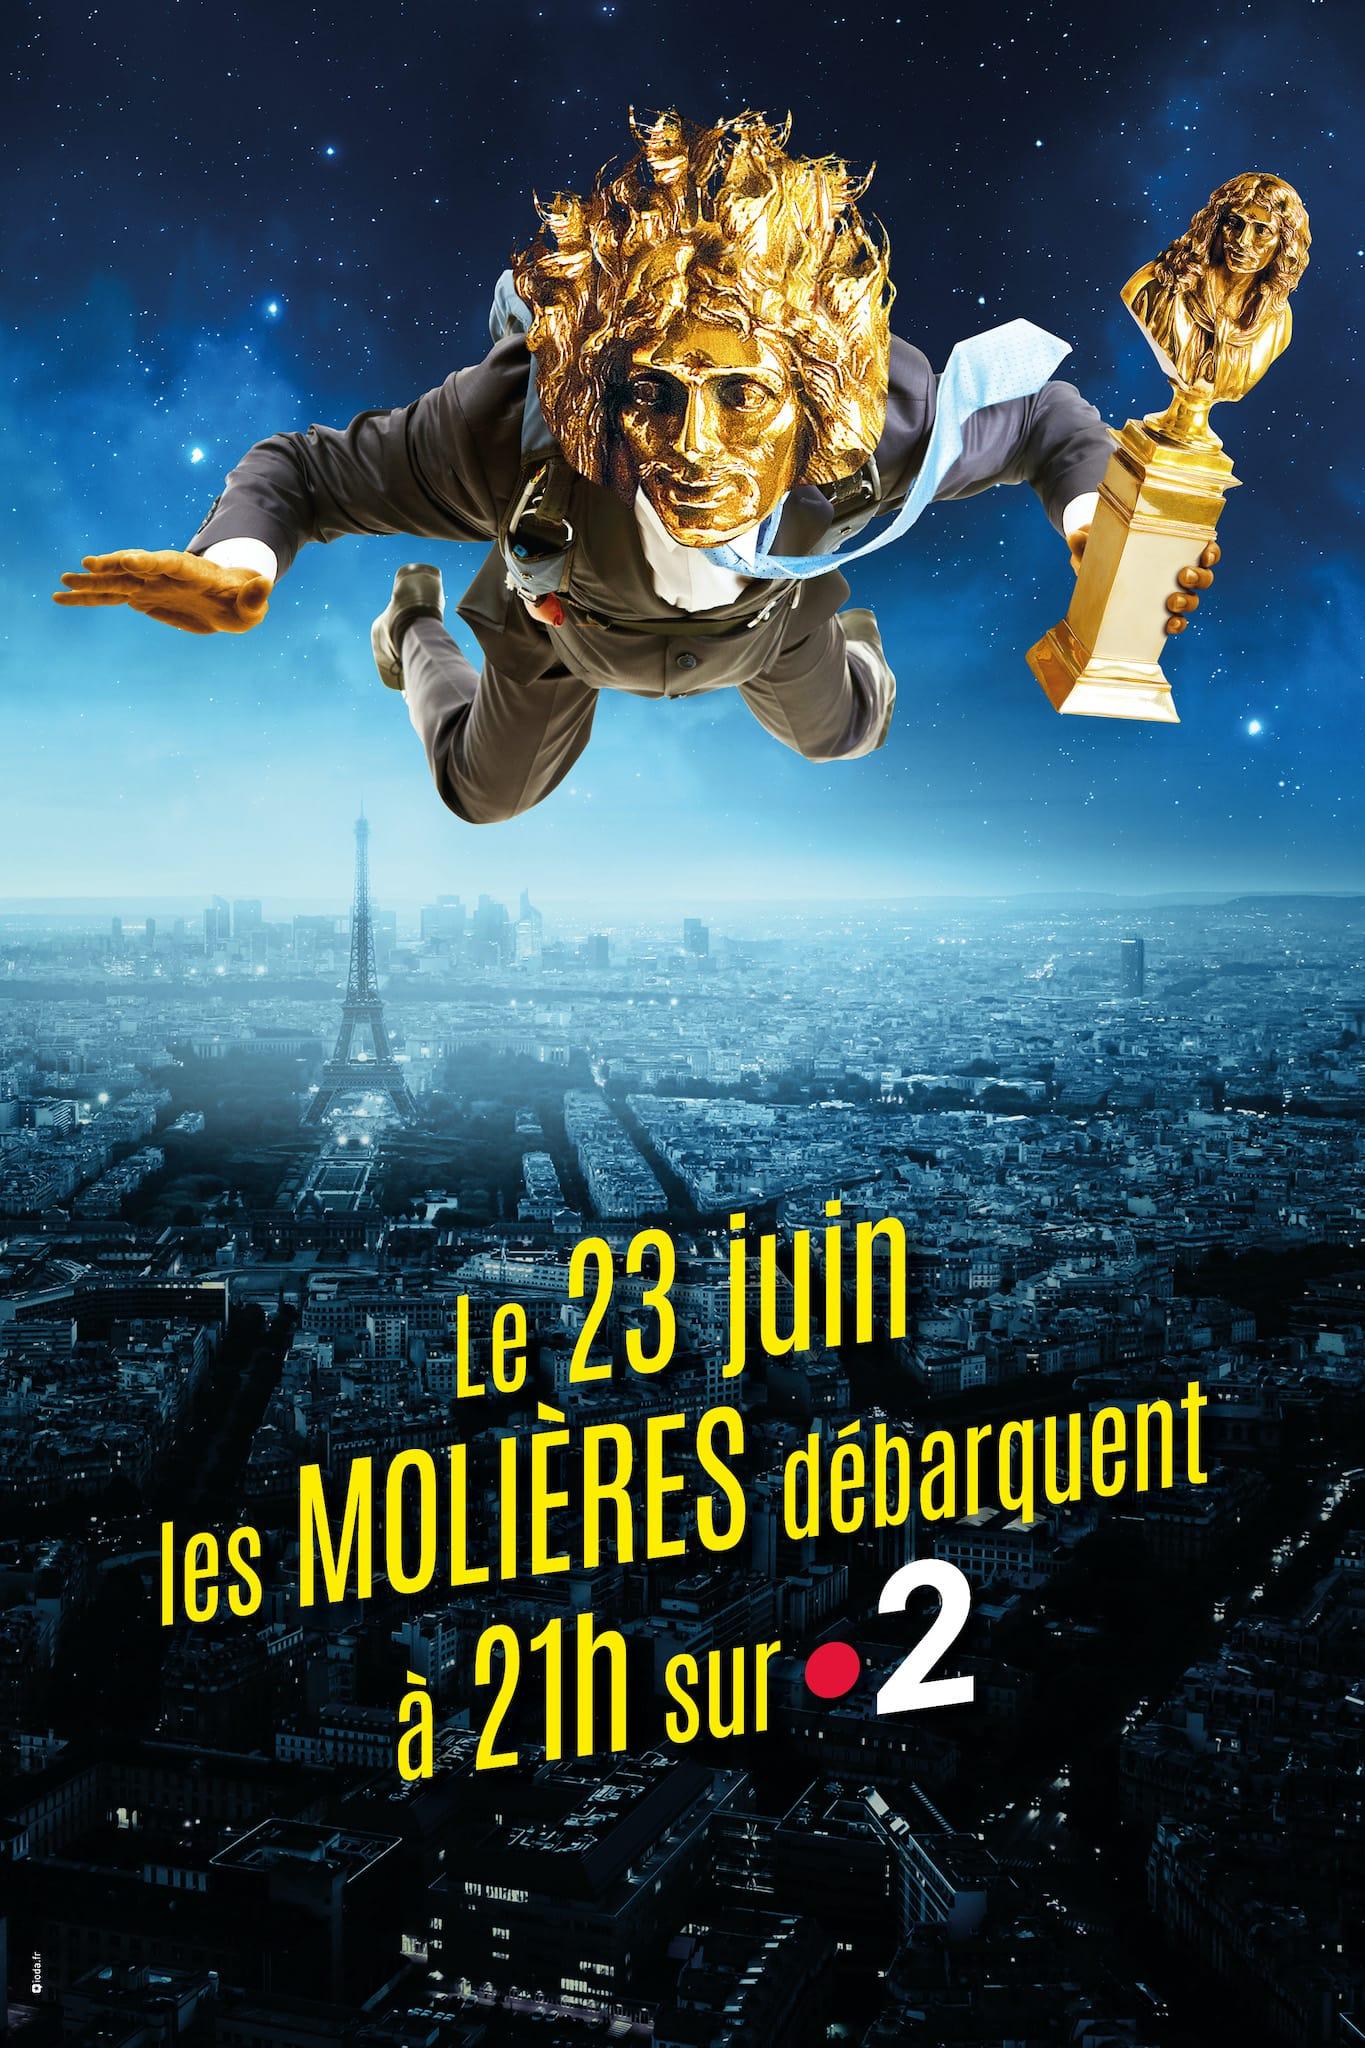 Les Molières 2020 affiche France 2